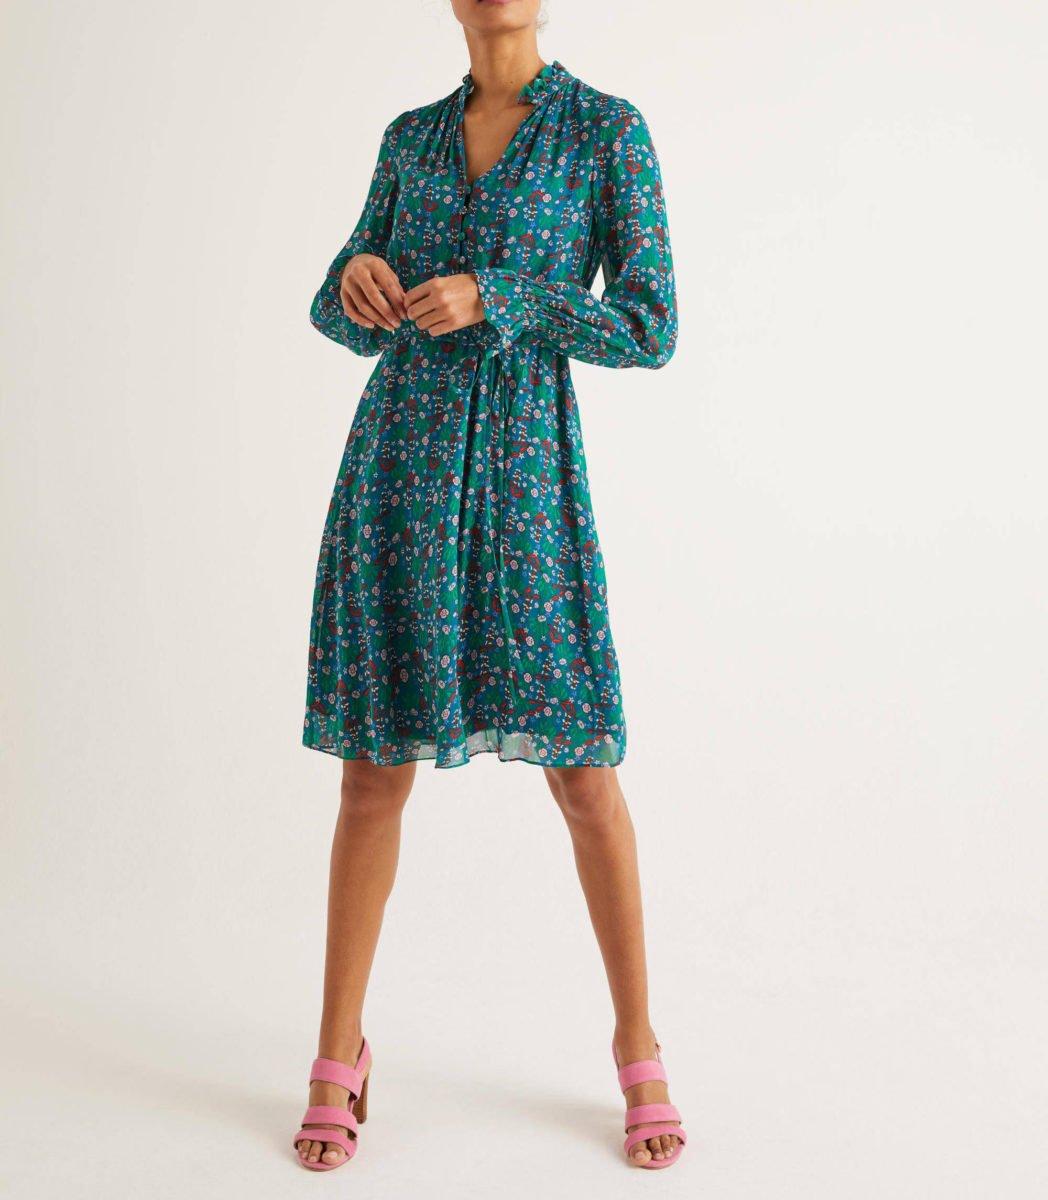 Evangeline Dress - Vibrant Teal, Garden Charm